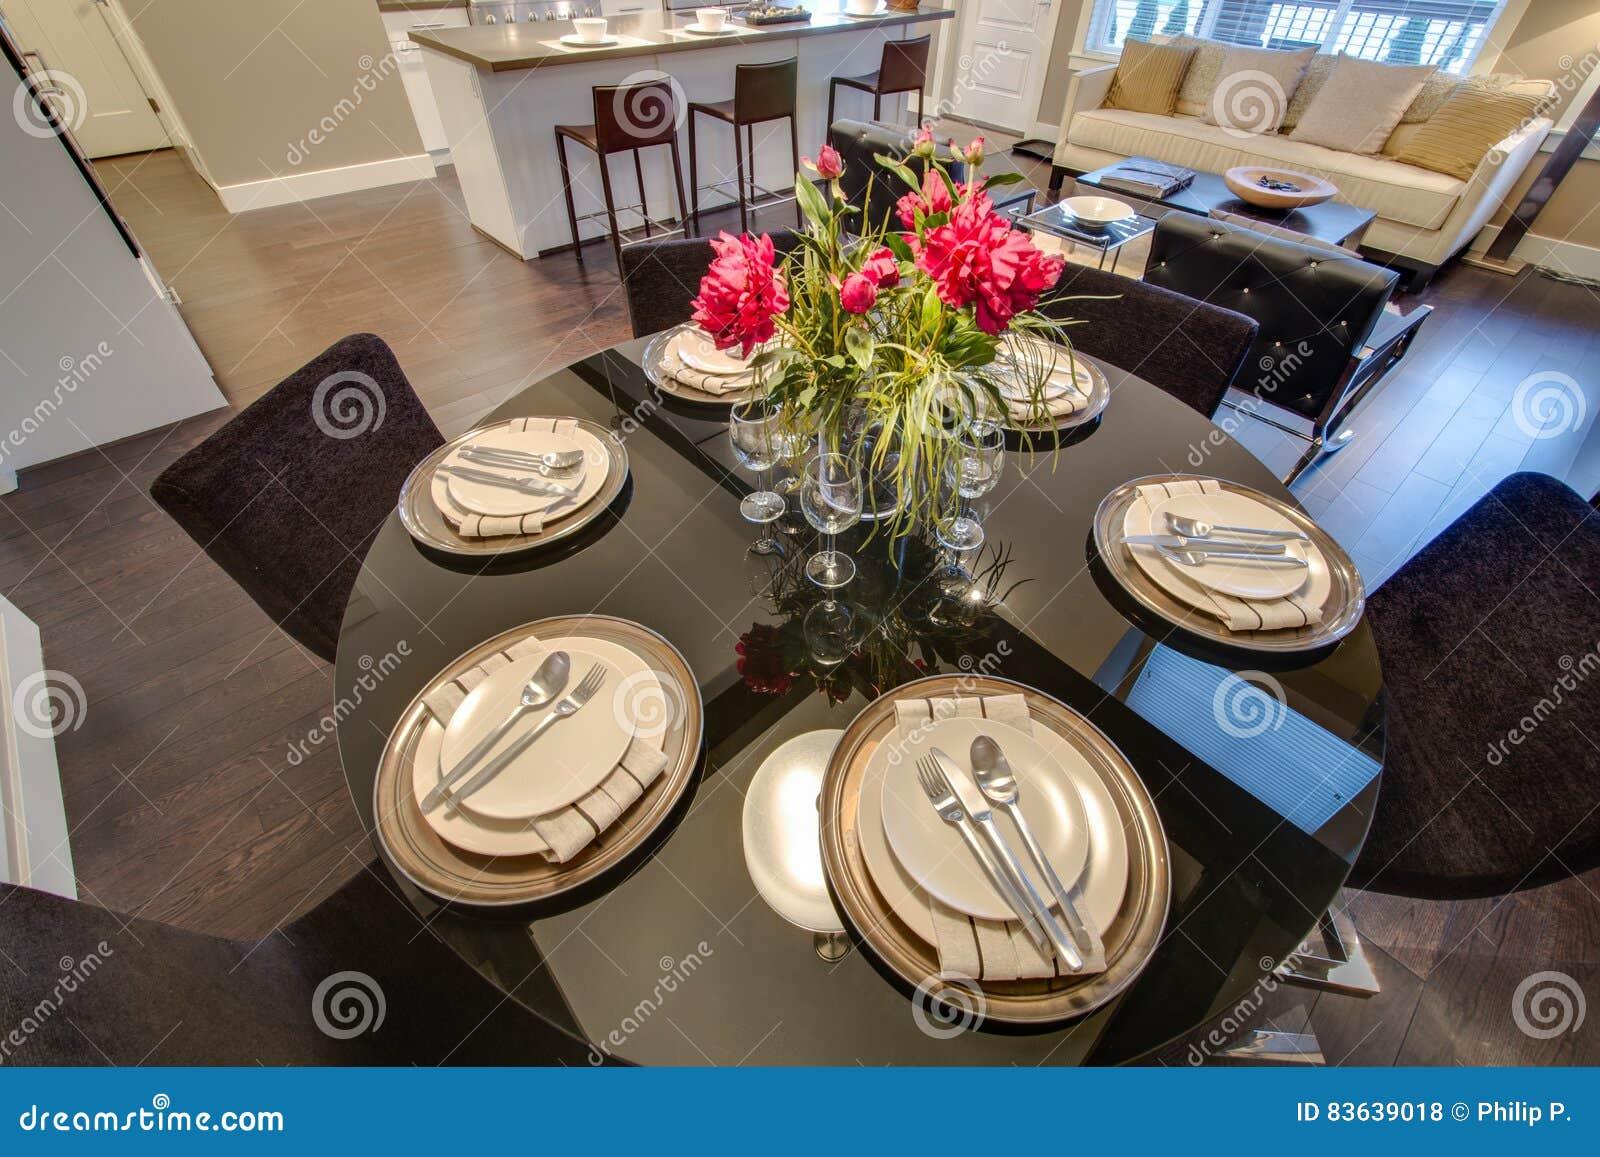 Moderner Esszimmertisch Eingestellt Für Abendessen Stockfoto - Bild ...